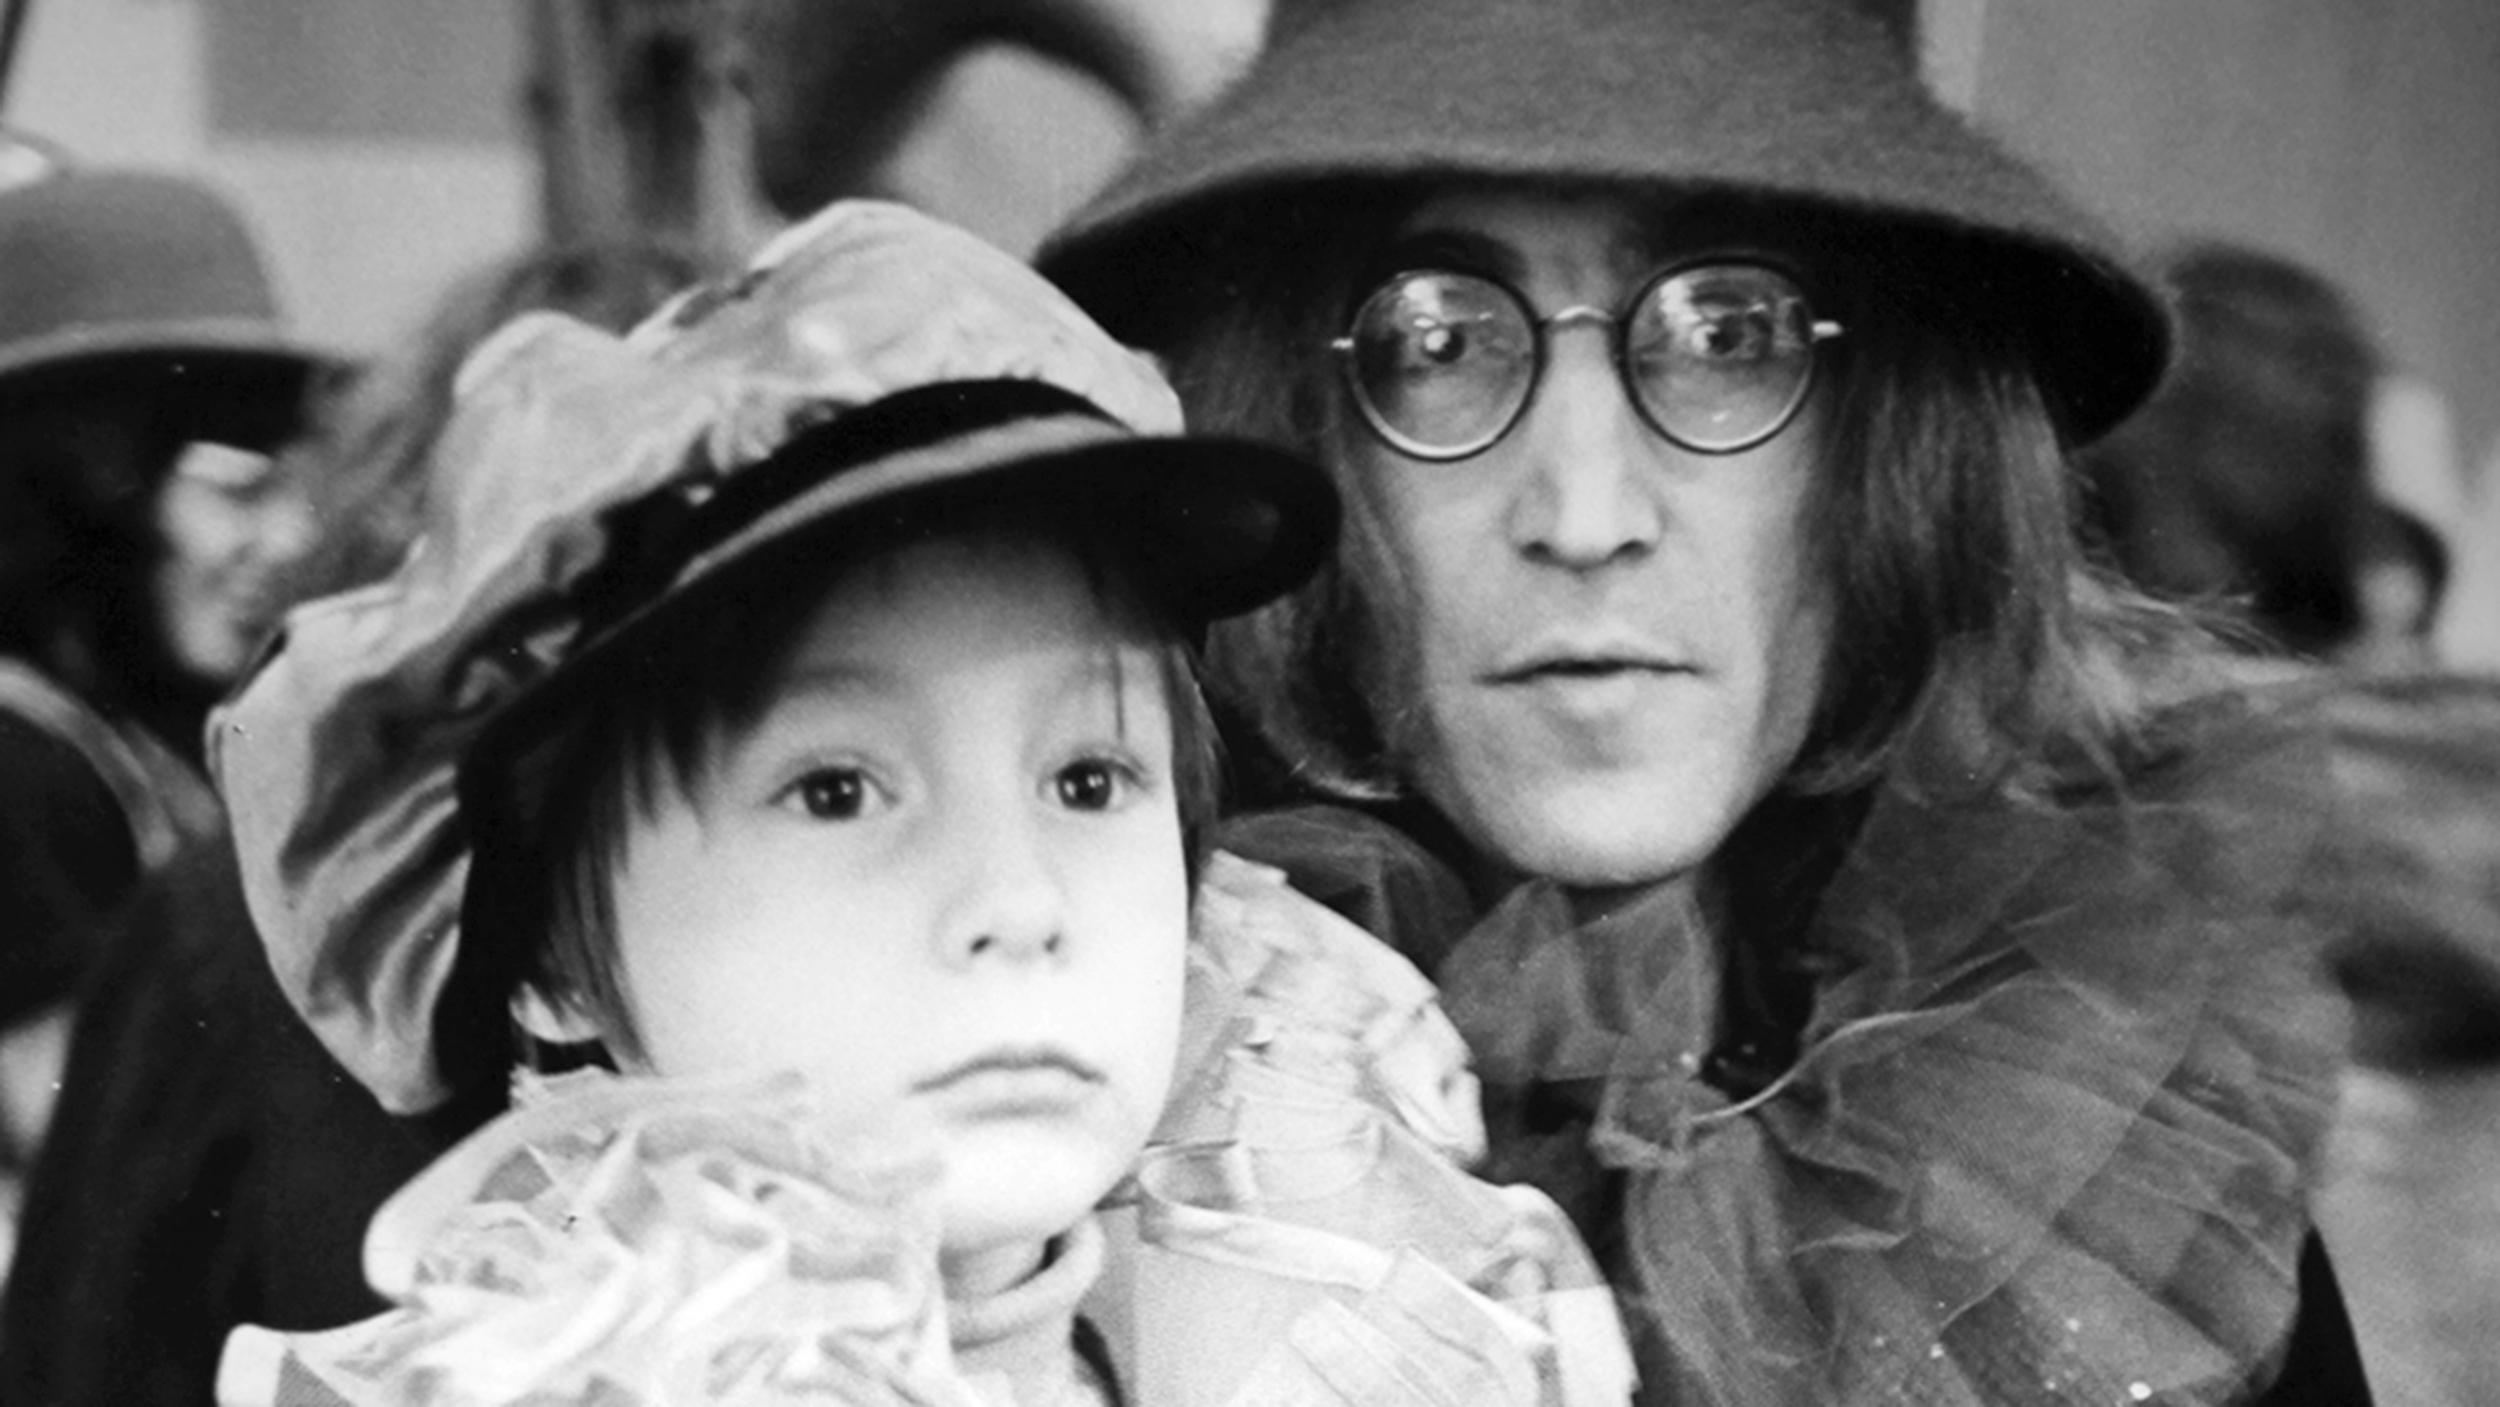 Julian Lennon On The Sign He Got From Dad John Lennon